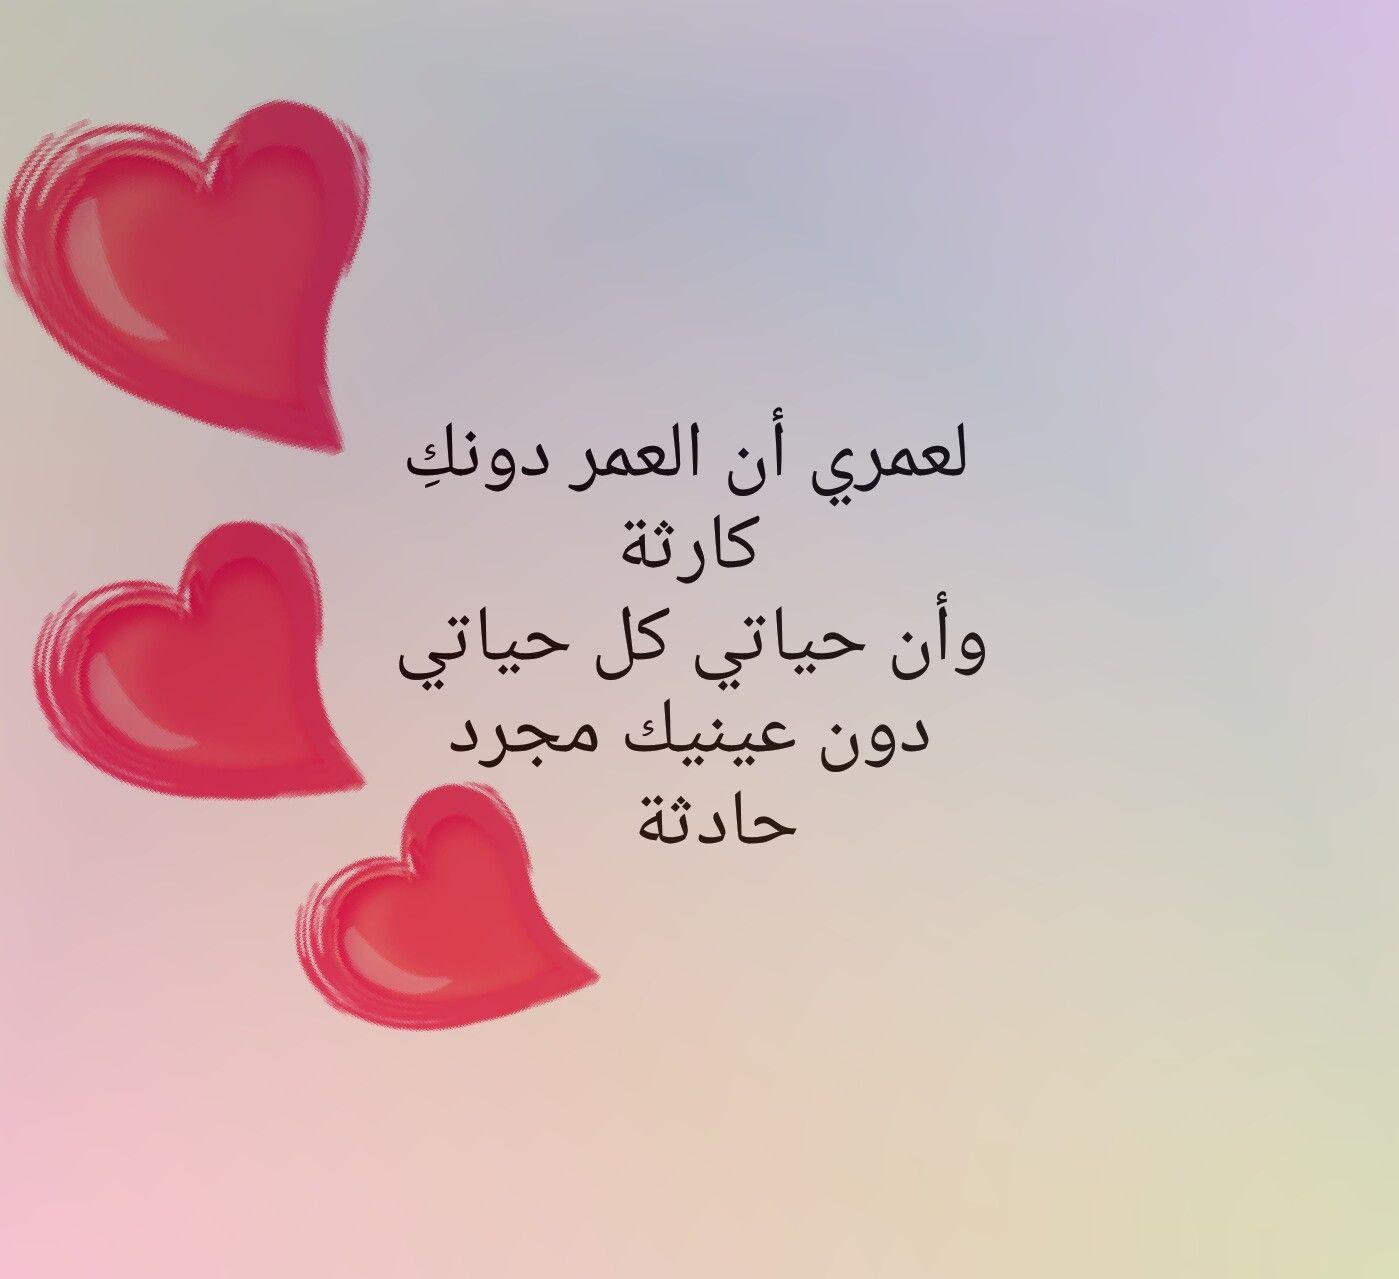 الحب اجمل حياة.